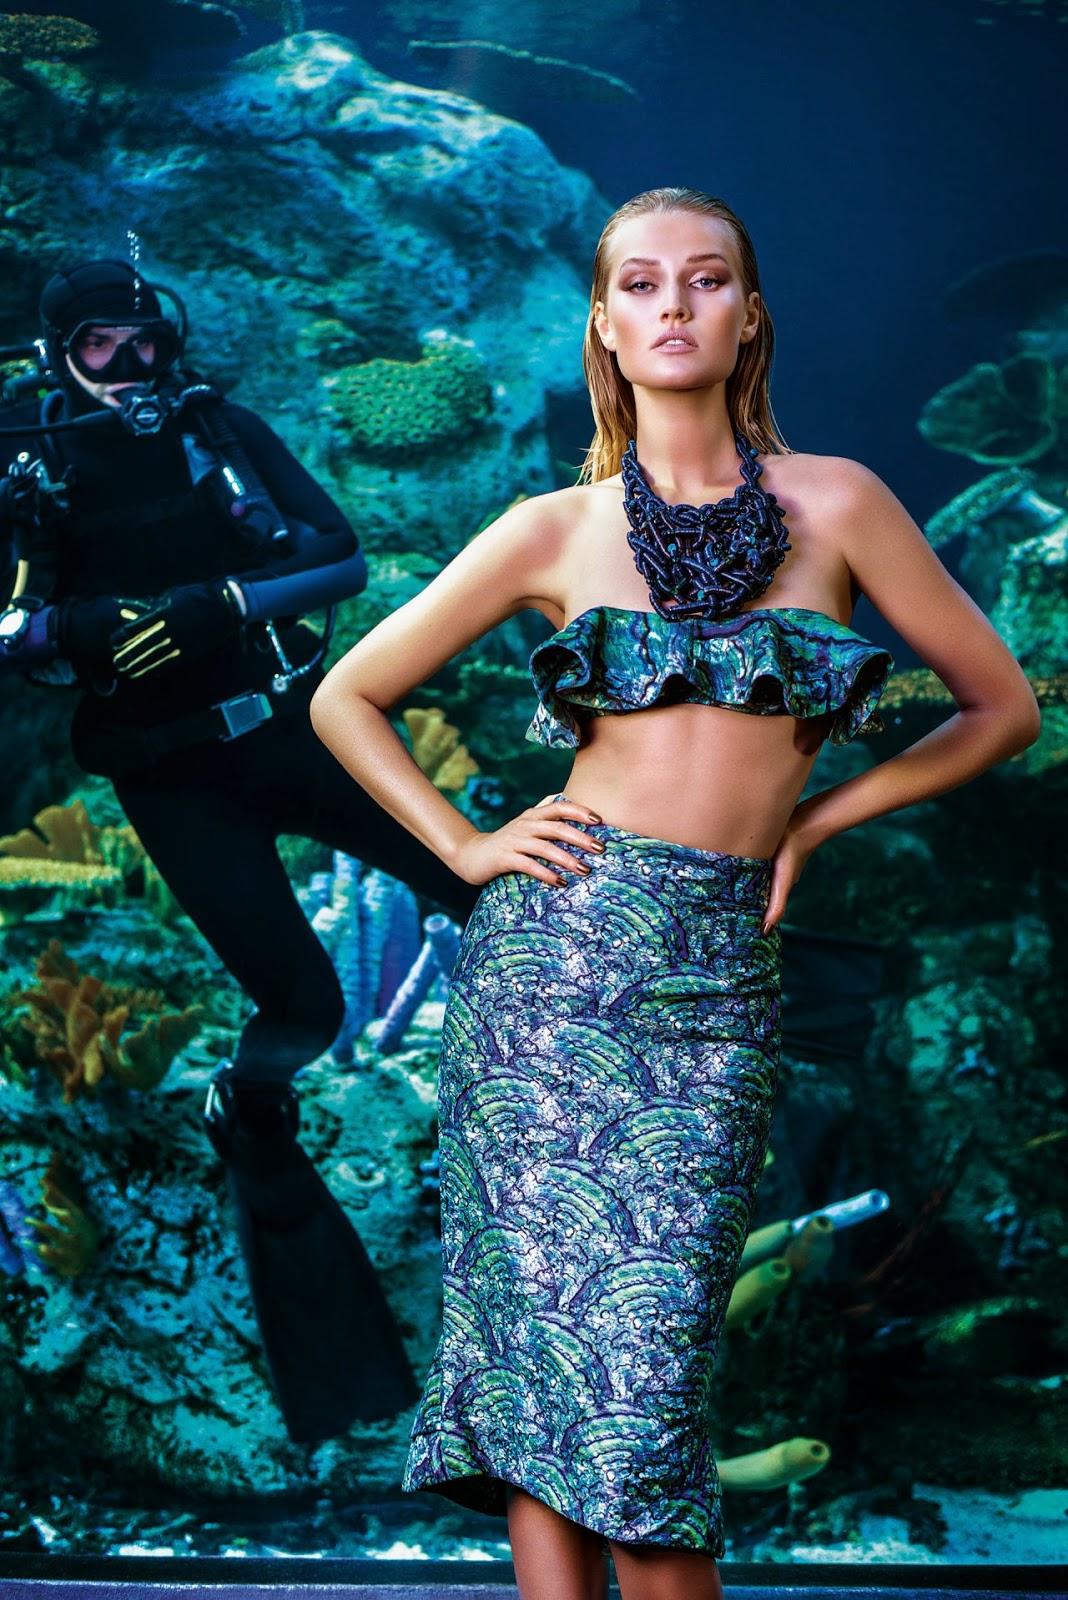 Agua de Coco Beachwear Spring/Summer 2015 Campaign featuring Toni Garrn